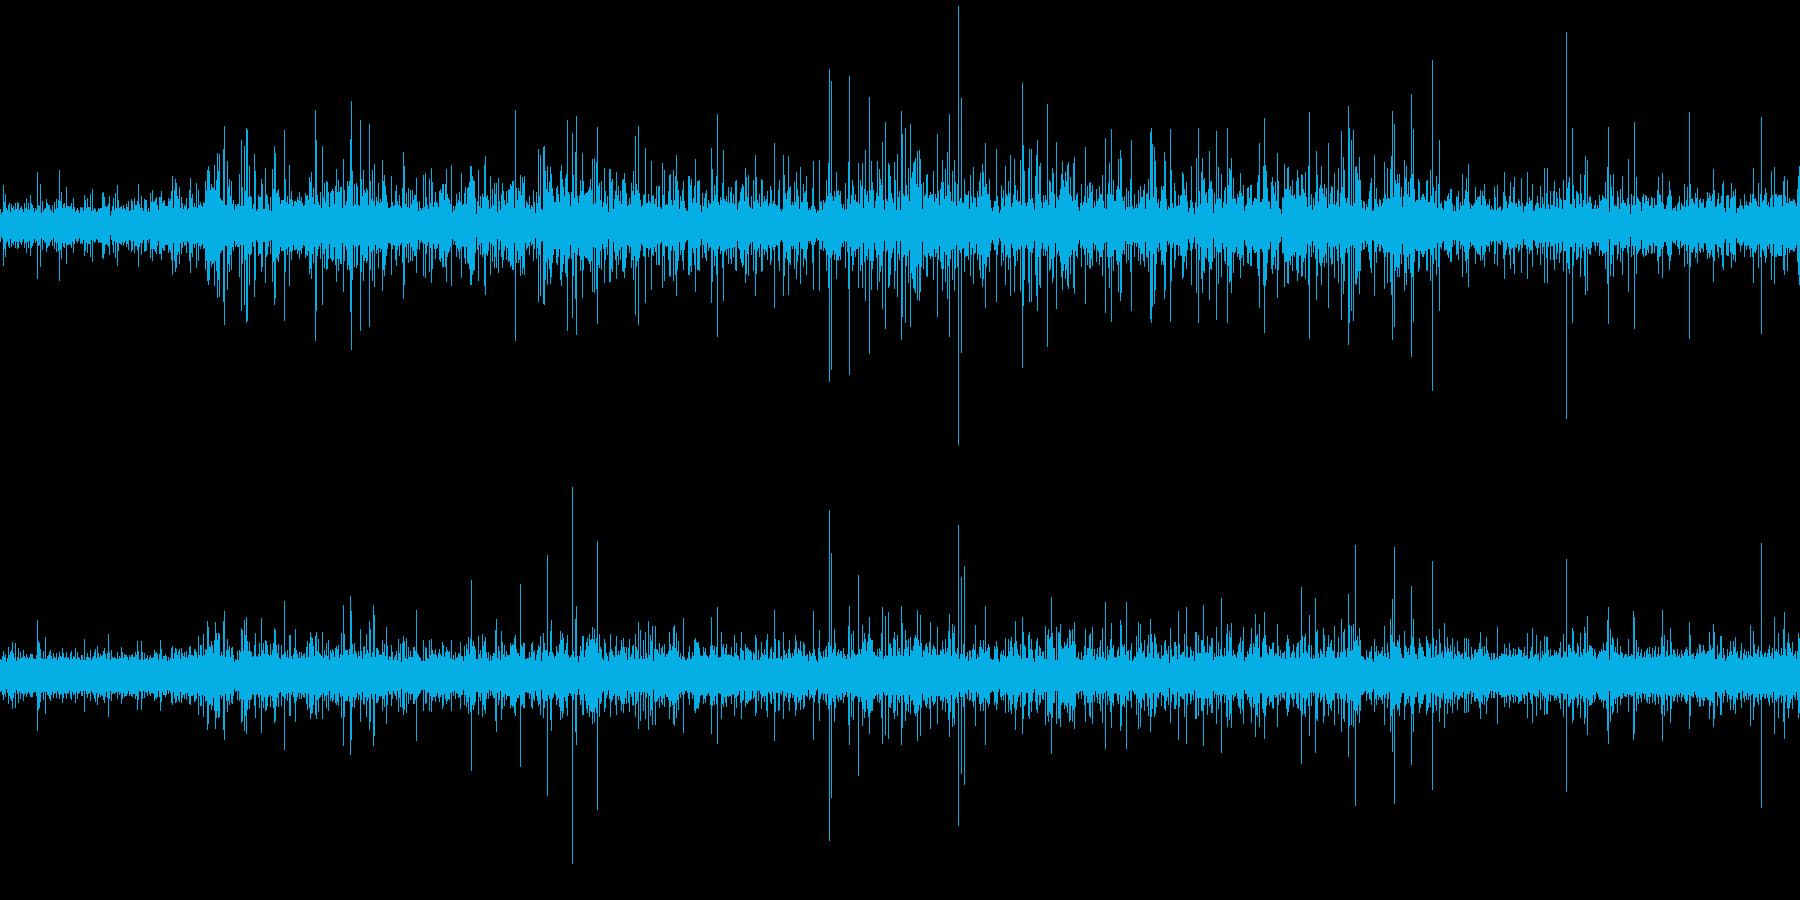 ちょろちょろ (ゆるやかな水流)の再生済みの波形